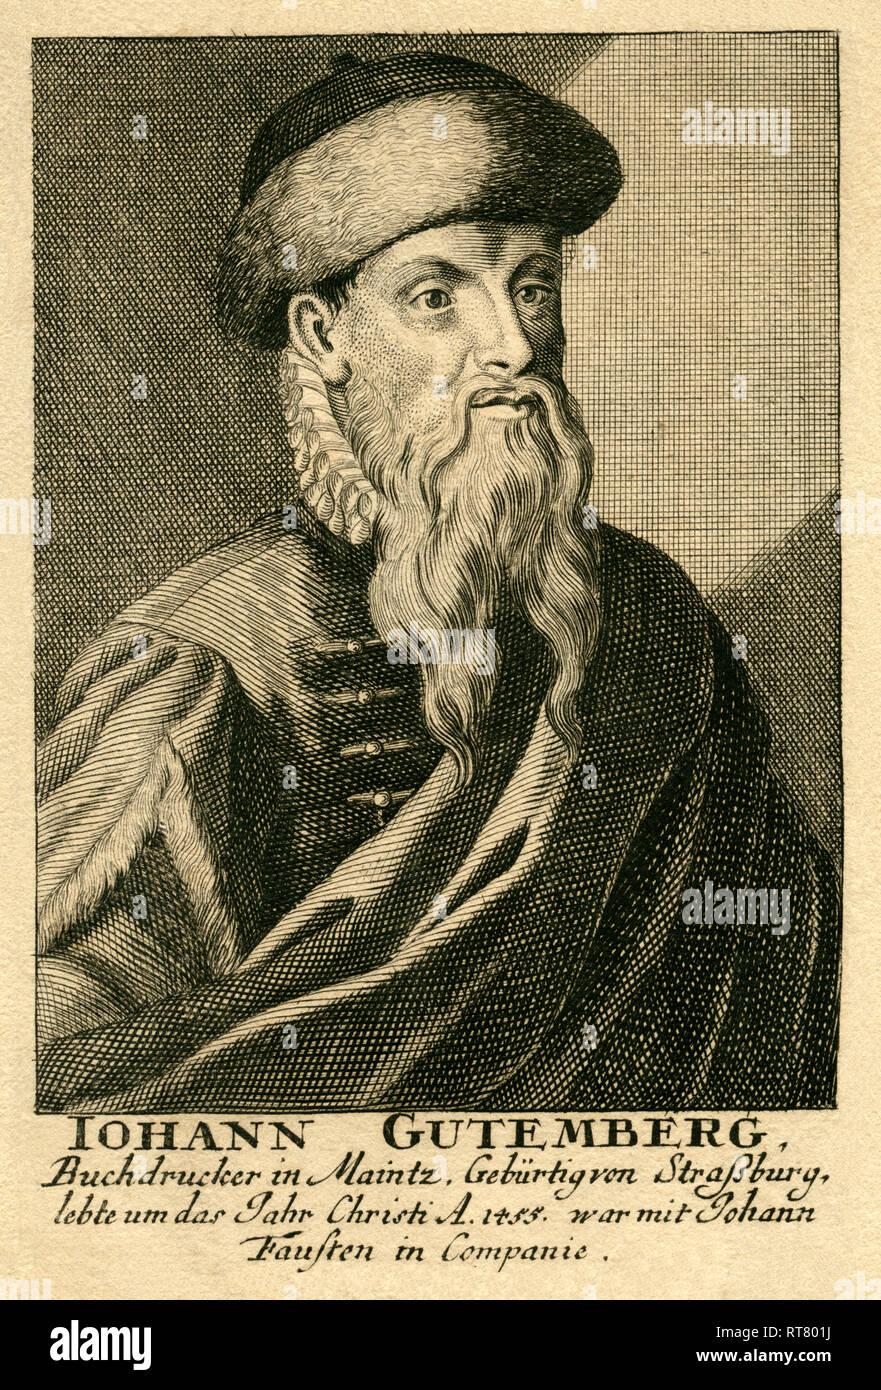 Johannes Gutenberg Portrait Stockfotos und  bilder Kaufen   Alamy